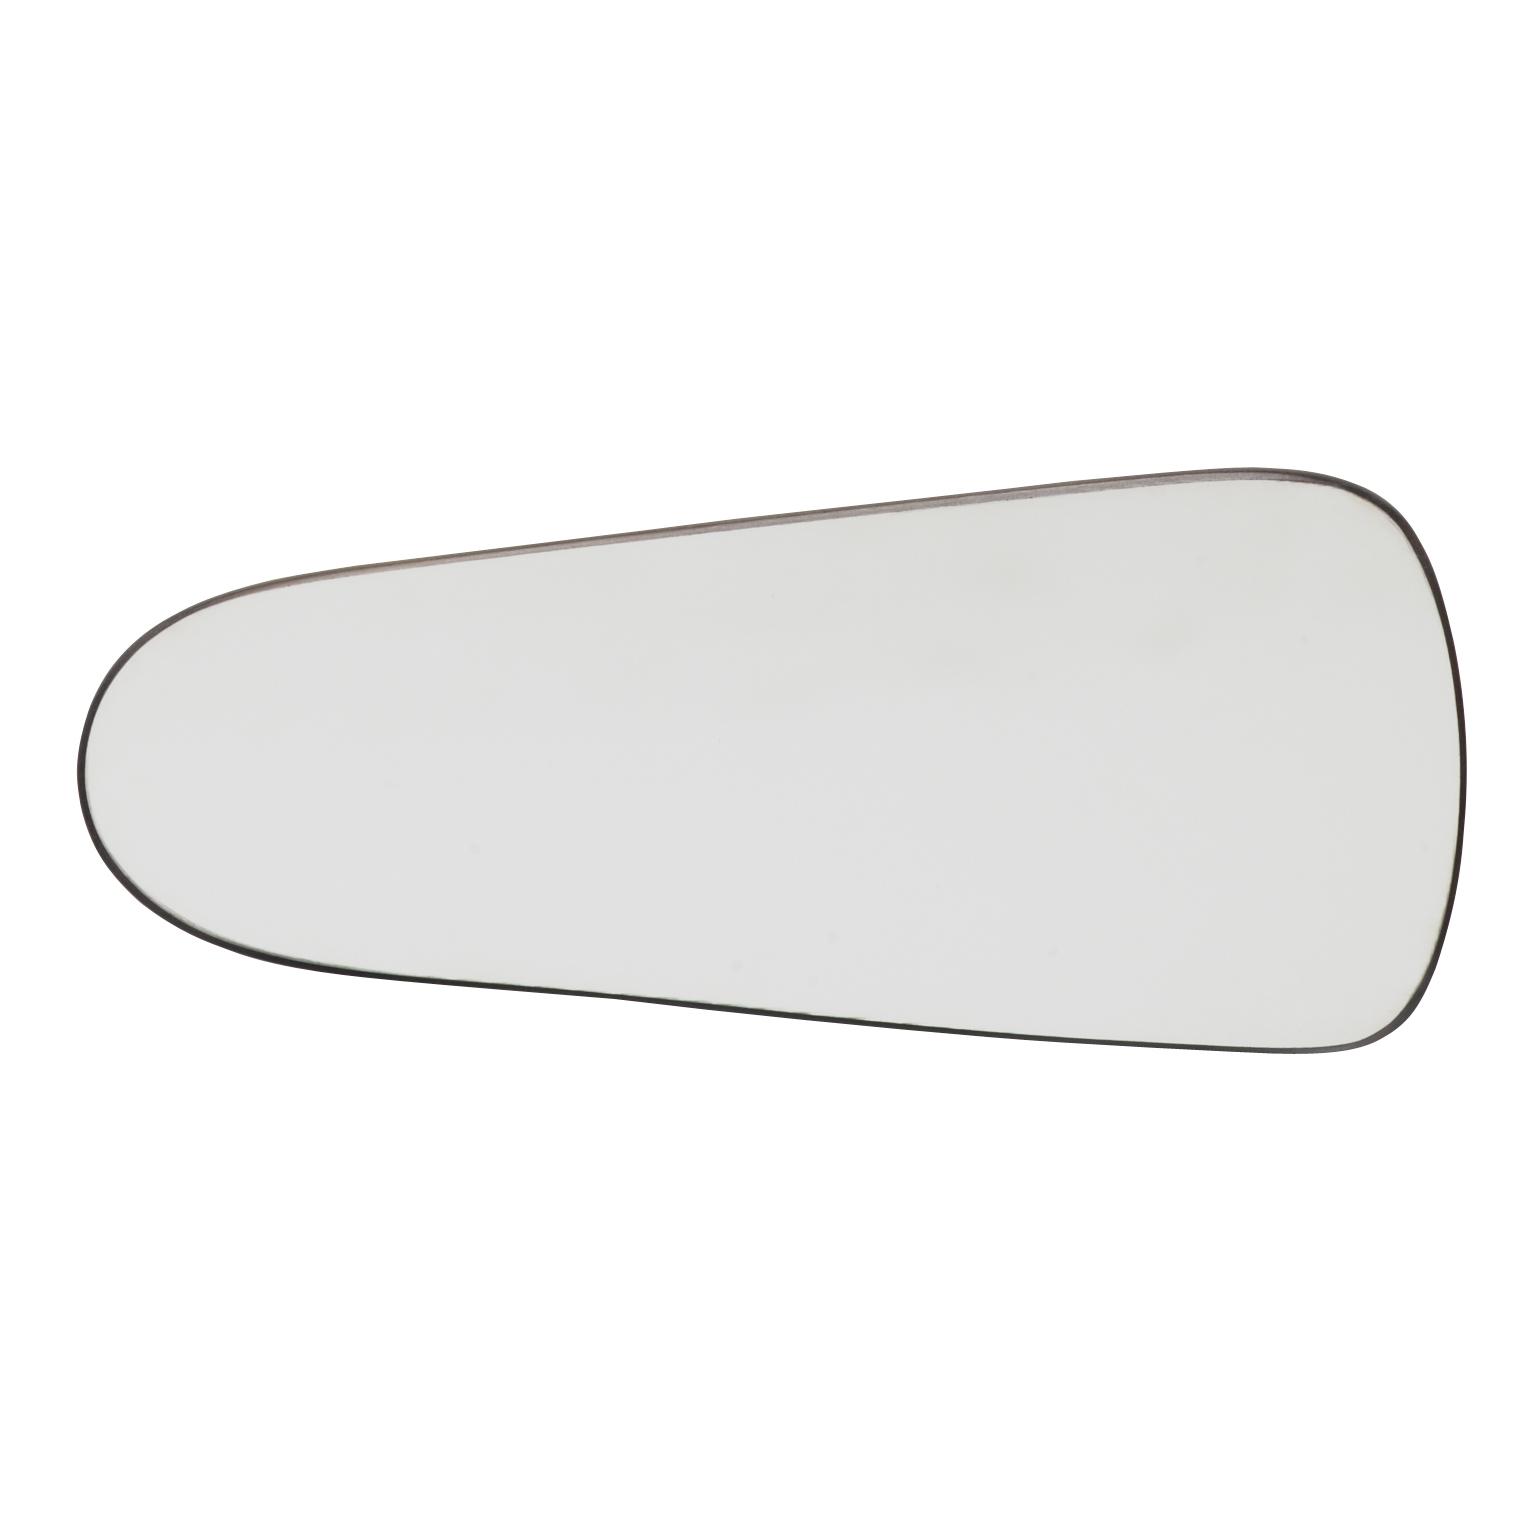 miroir photographique chrome buccal petit format